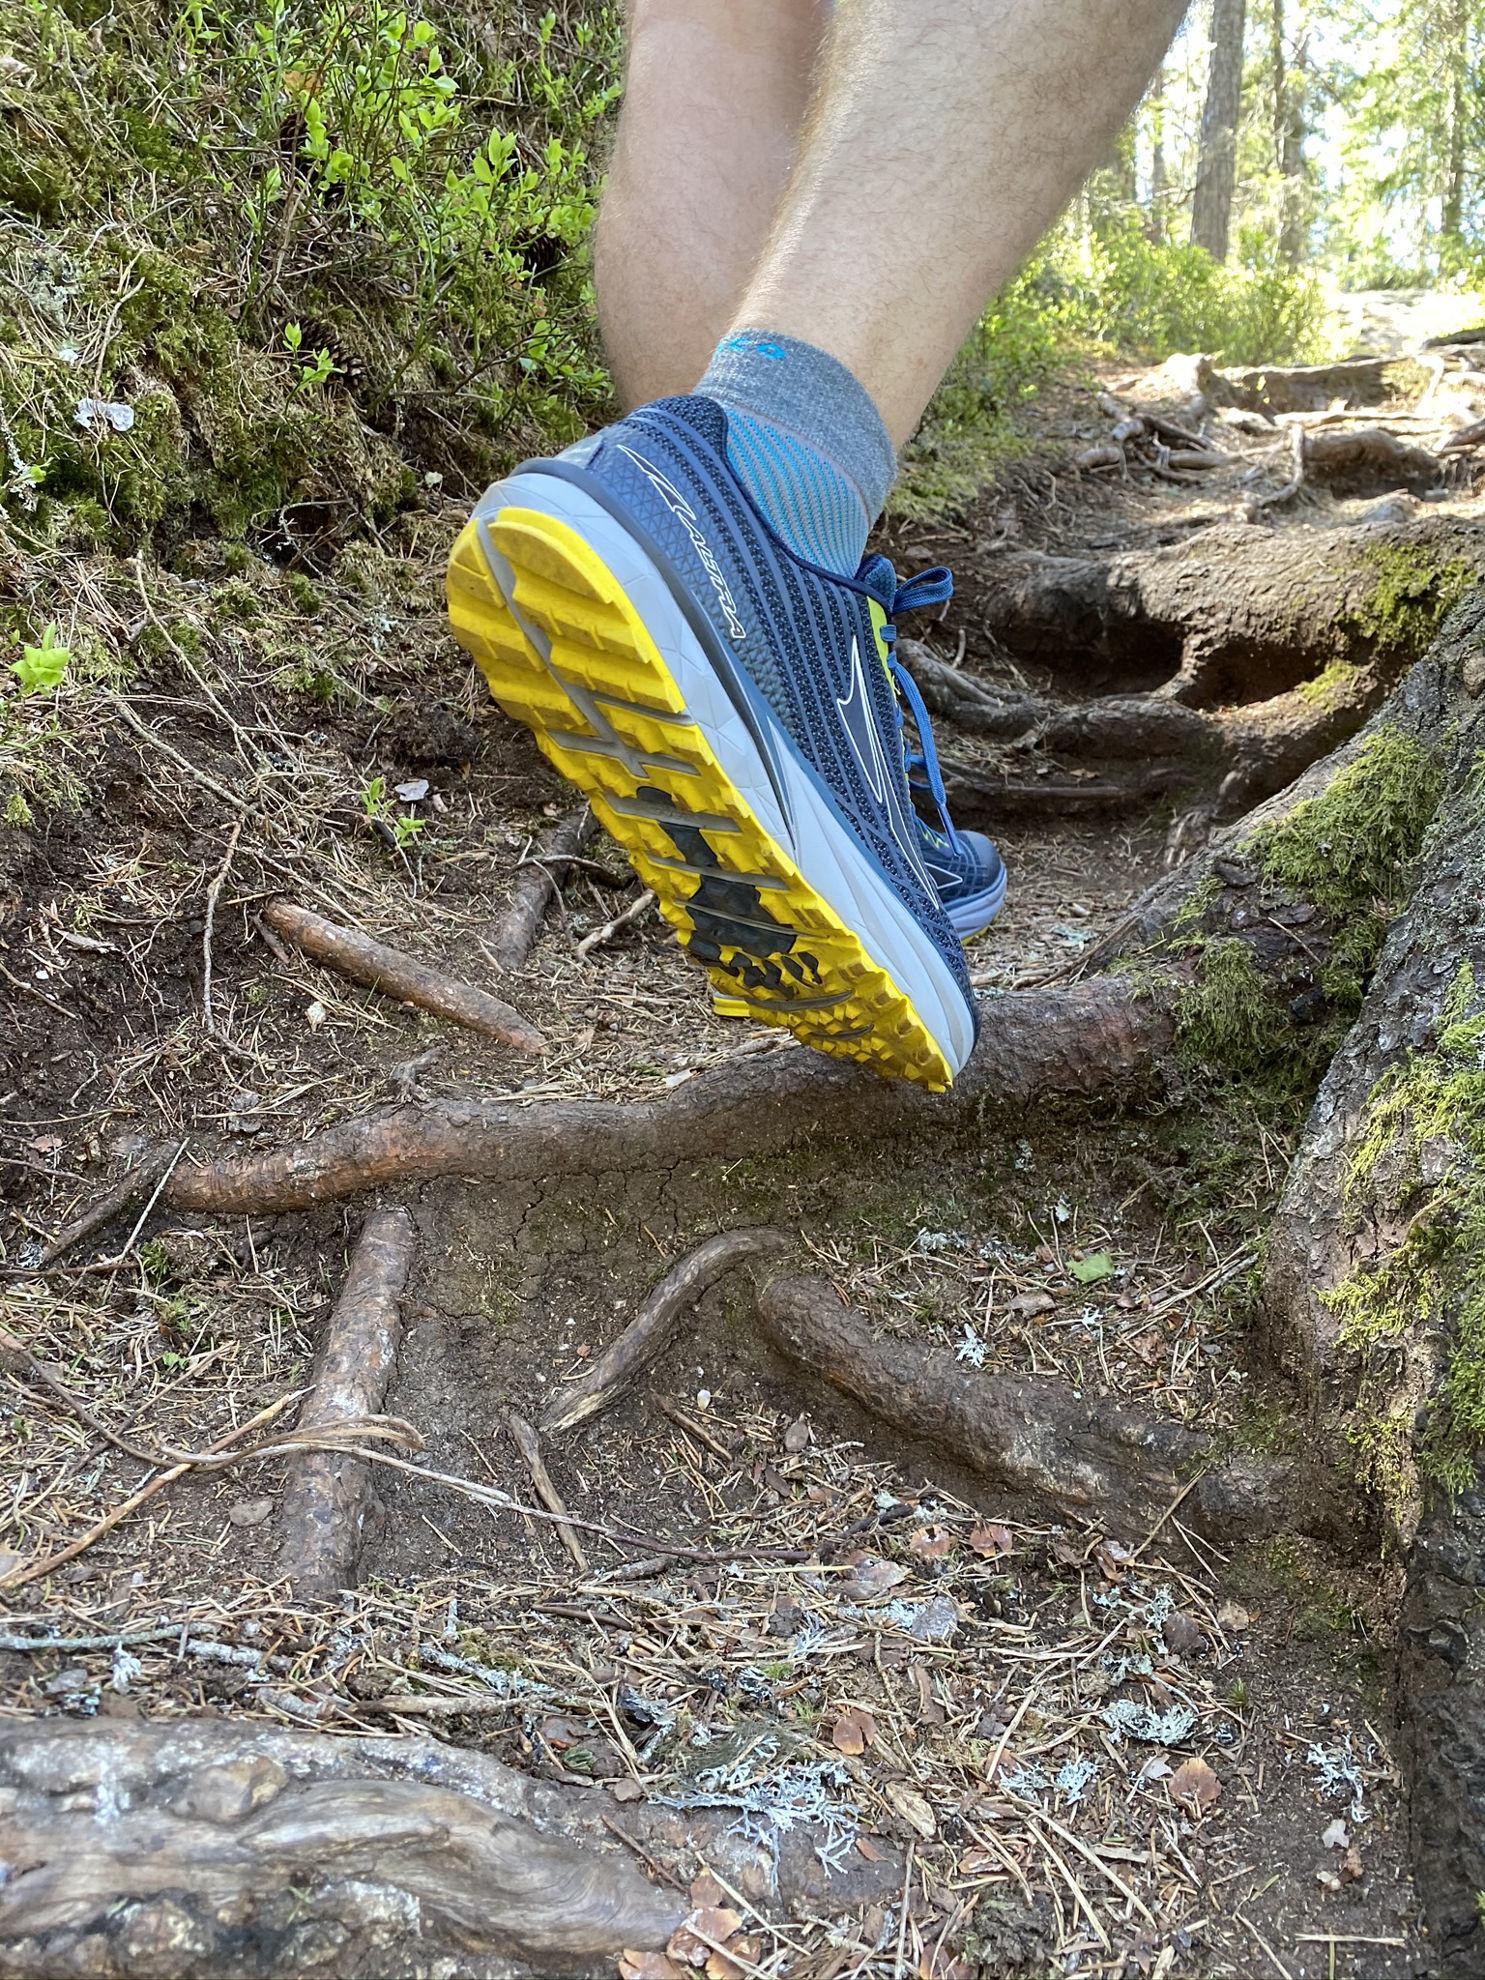 Trailsko medeldämpad, på traillöpningen